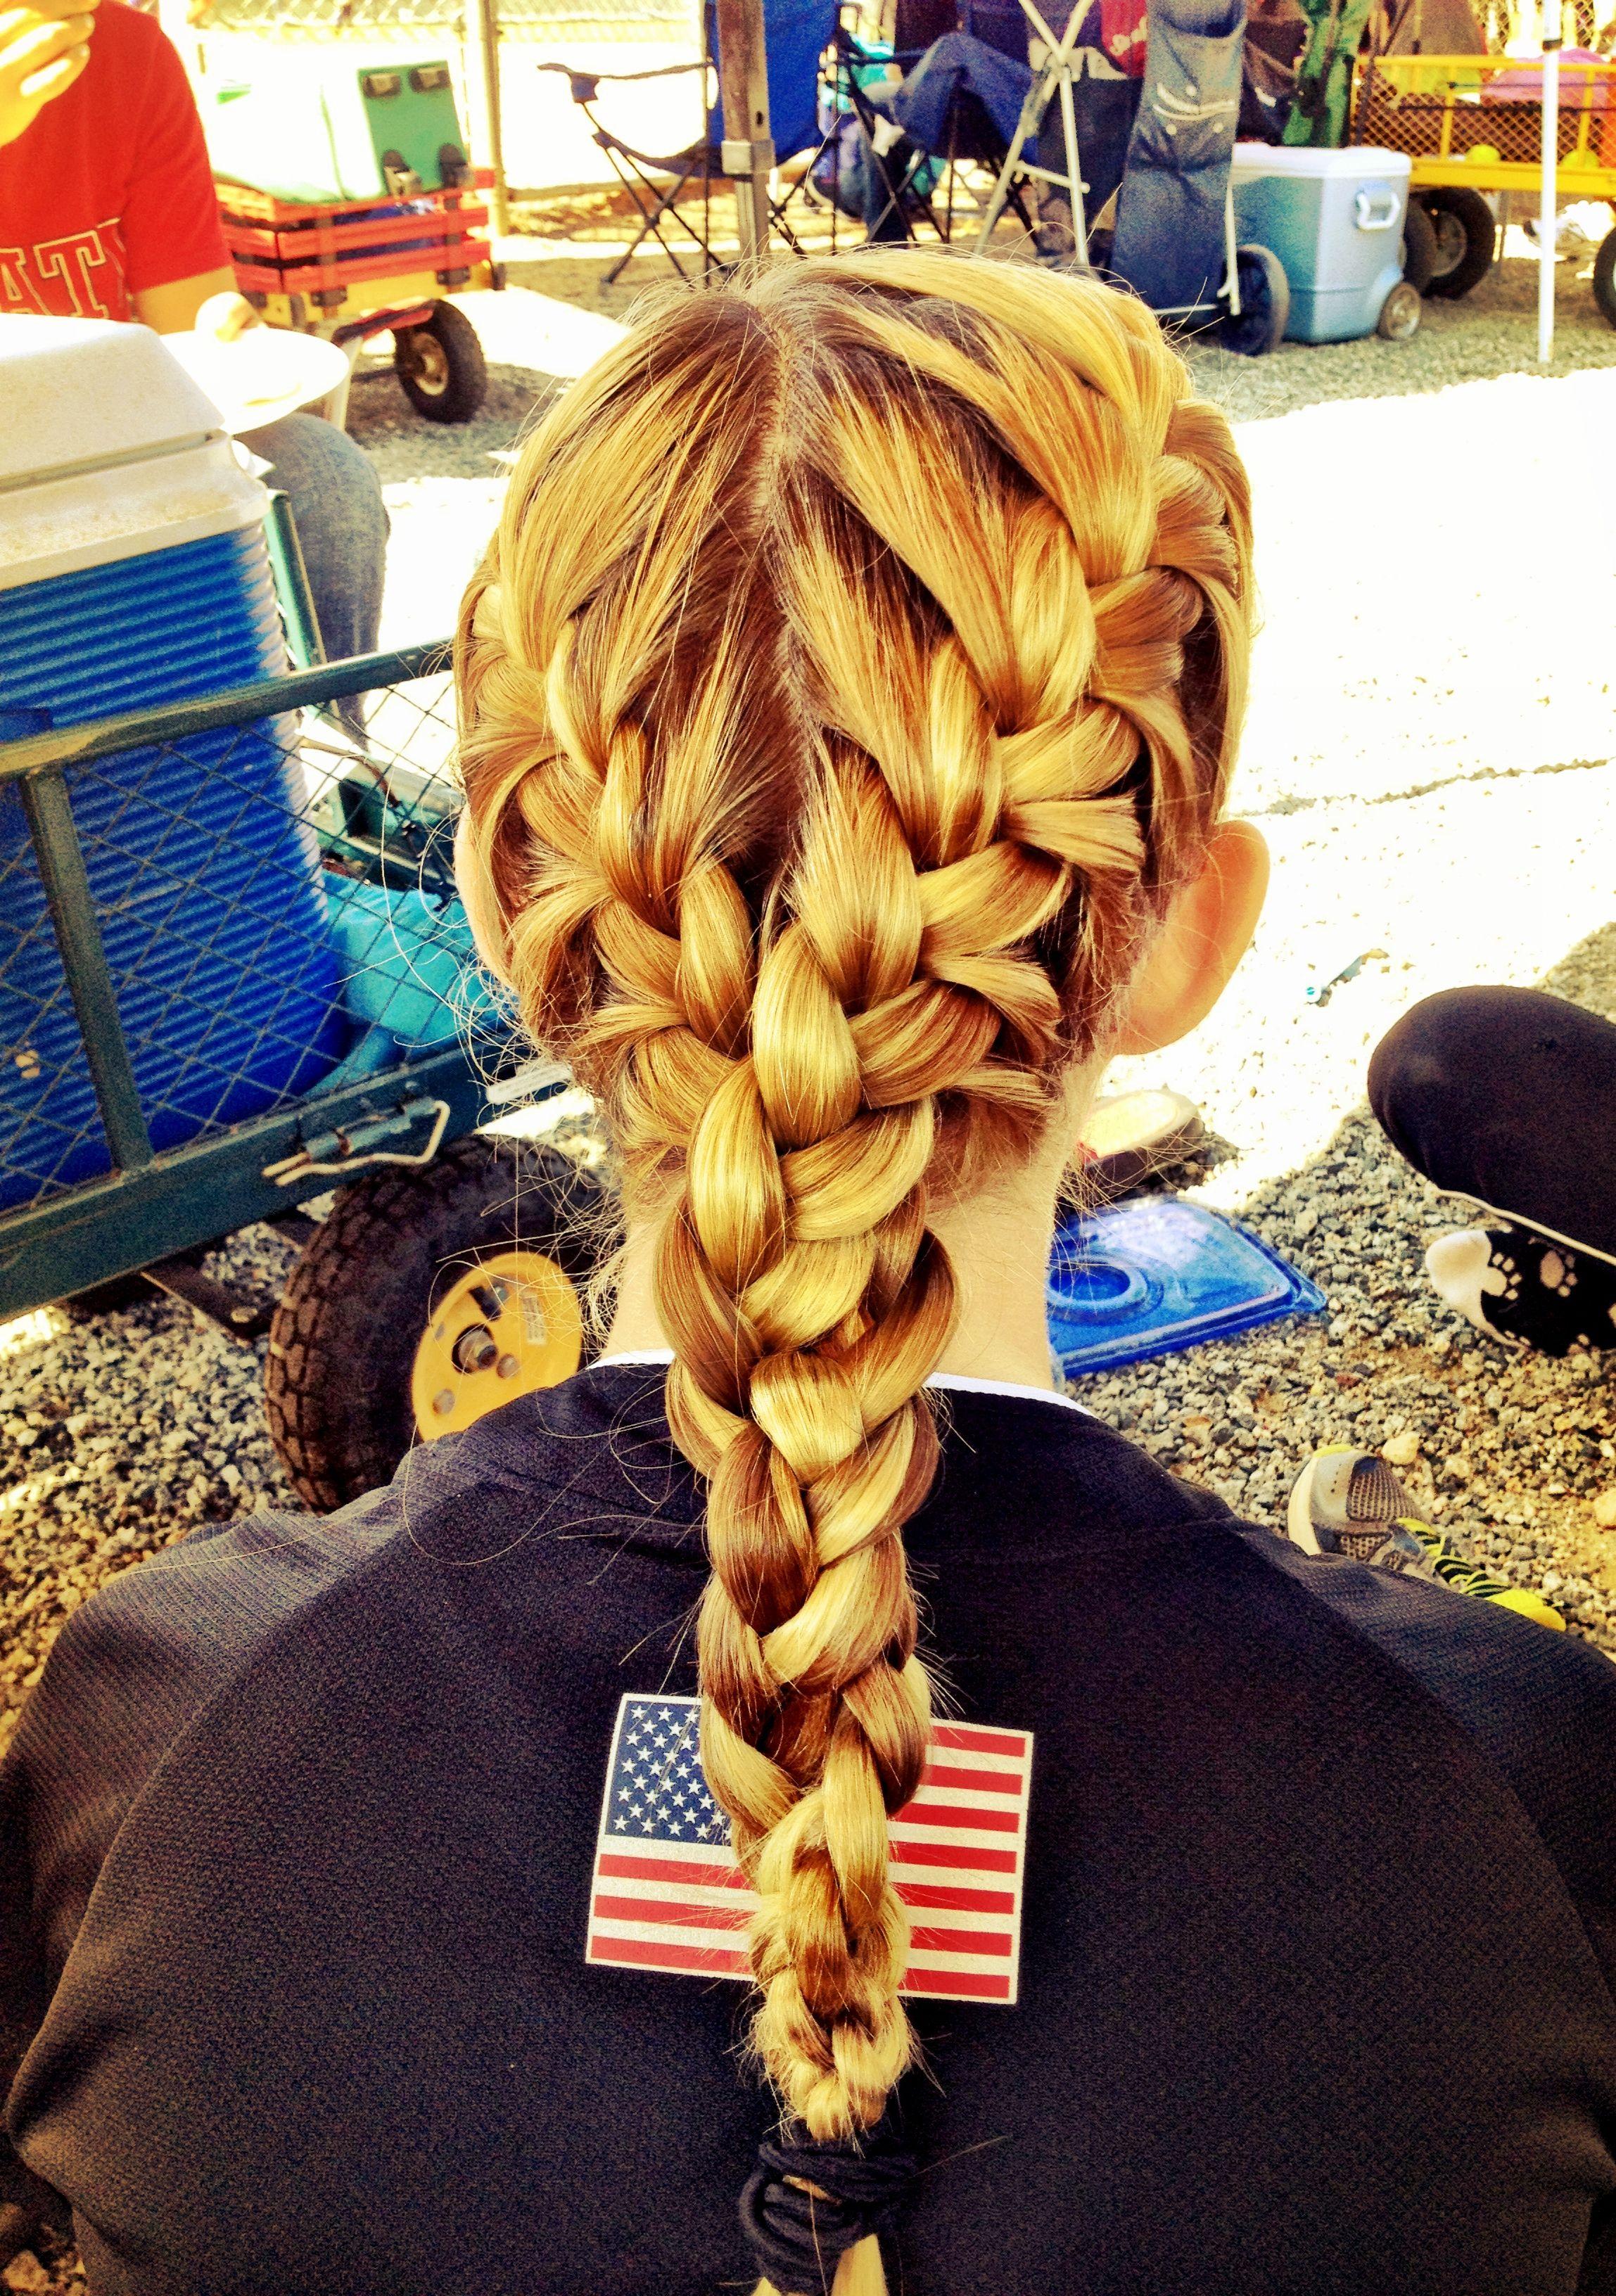 niece's hair softball game